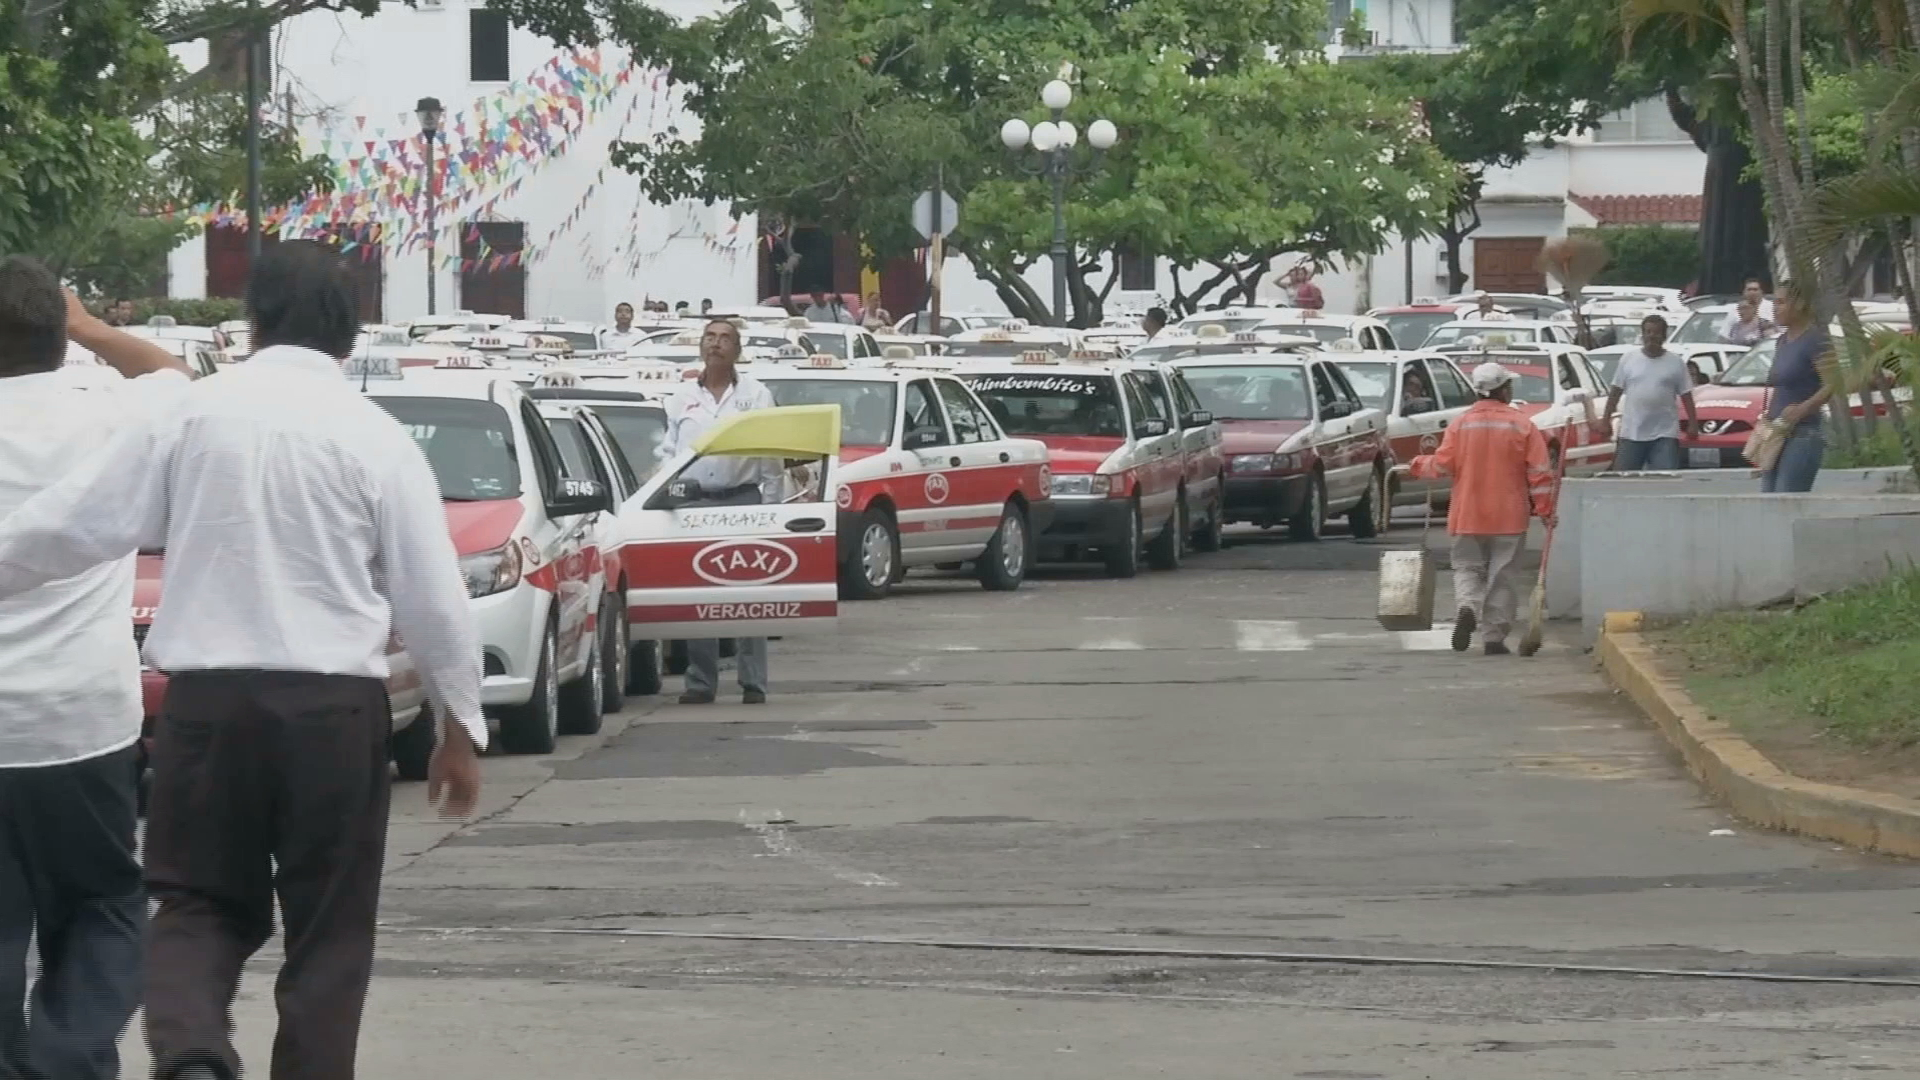 Tarifa de taxi podría aumentar en zona conurbada Veracruz-Boca del Río